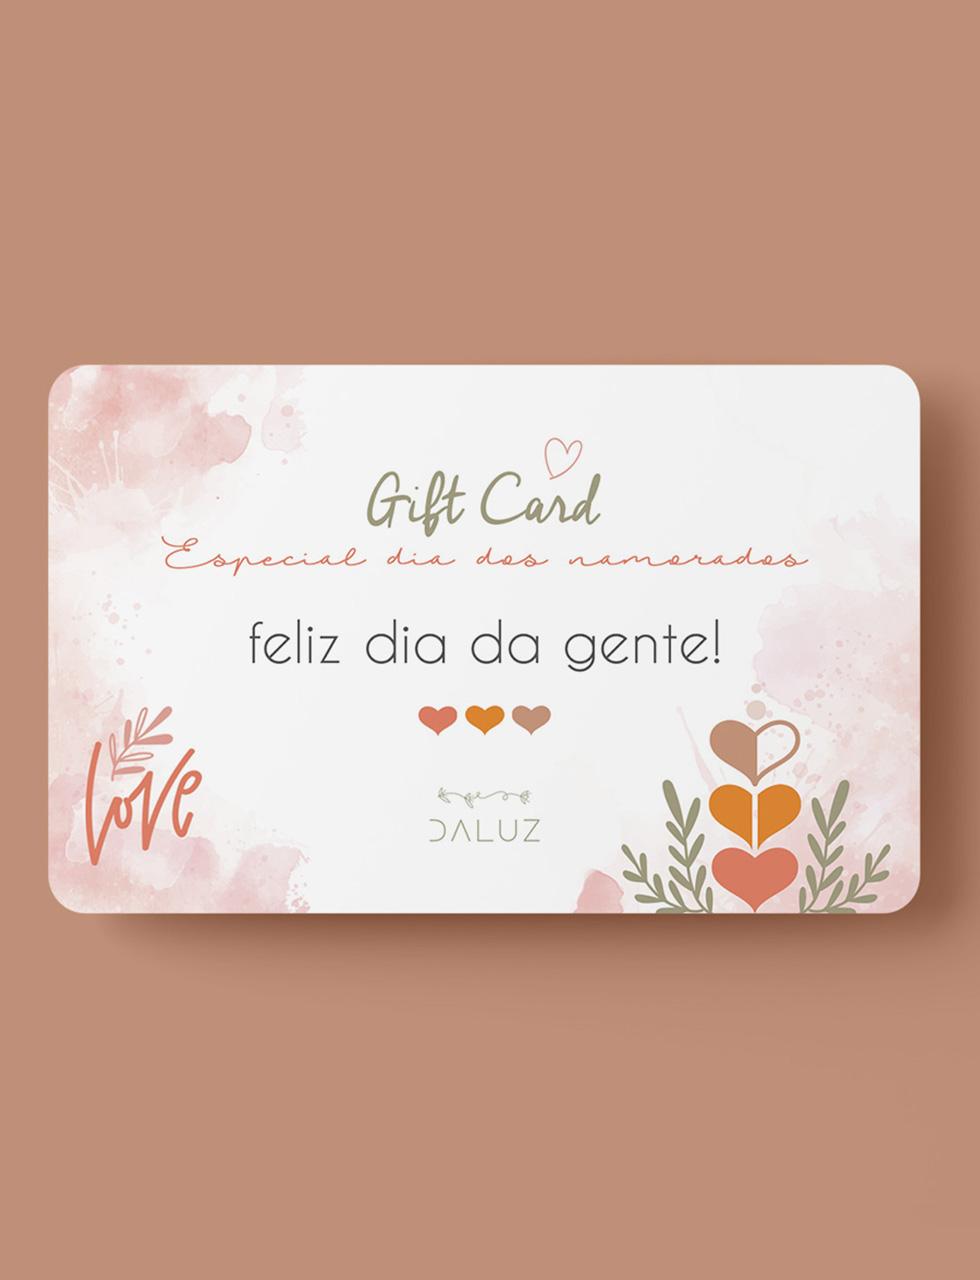 GIFT CARD ONLINE - ESPECIAL DIA DOS NAMORADOS